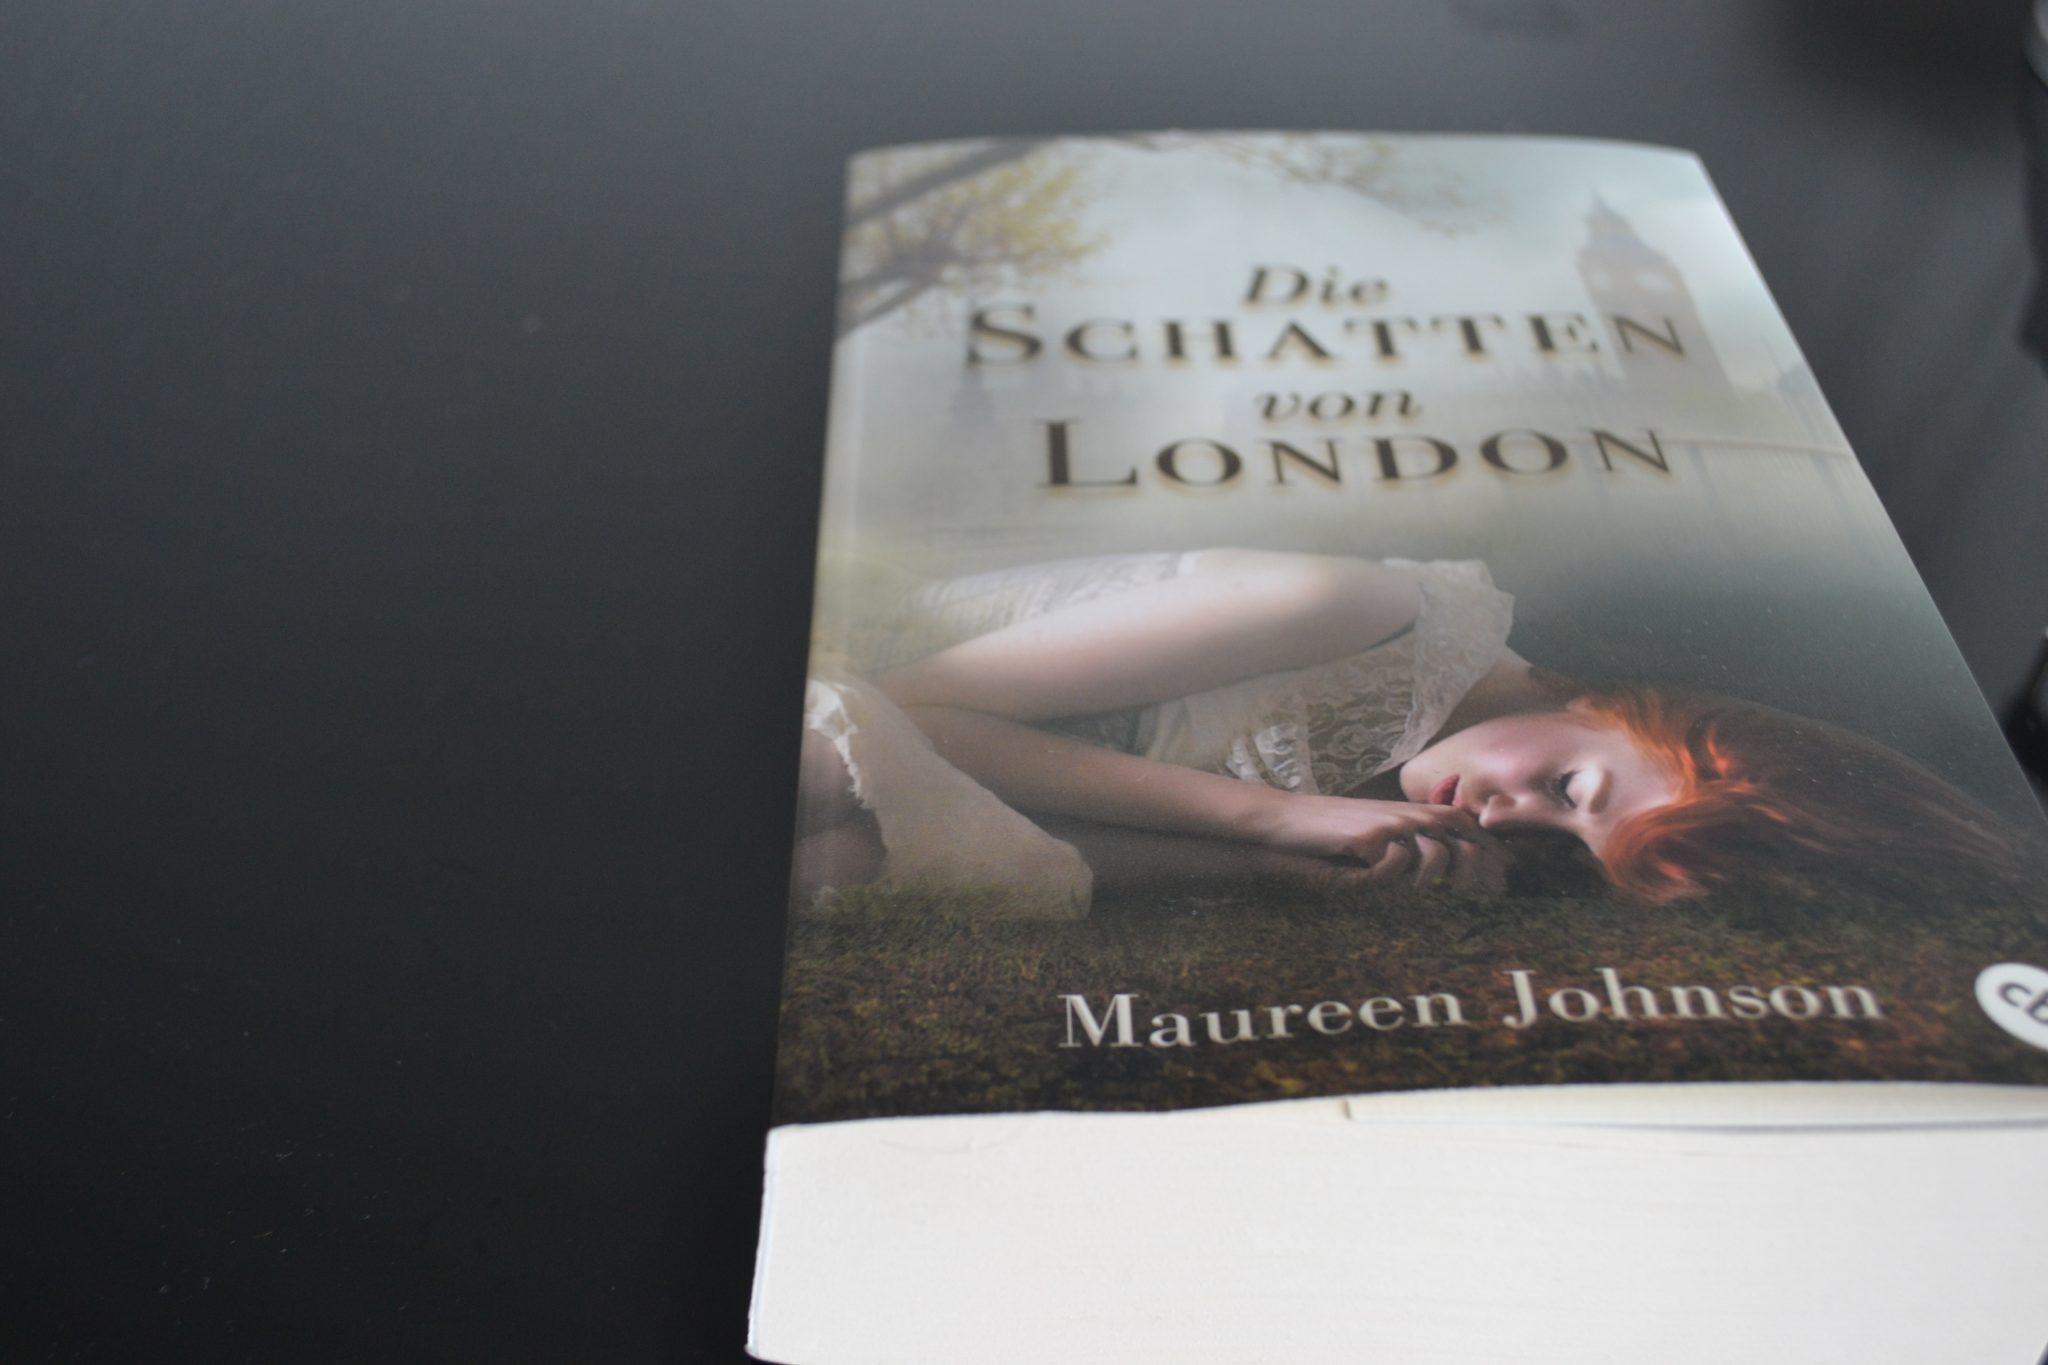 Books: Die Schatten von London | Maureen Johnson - DSC 0568